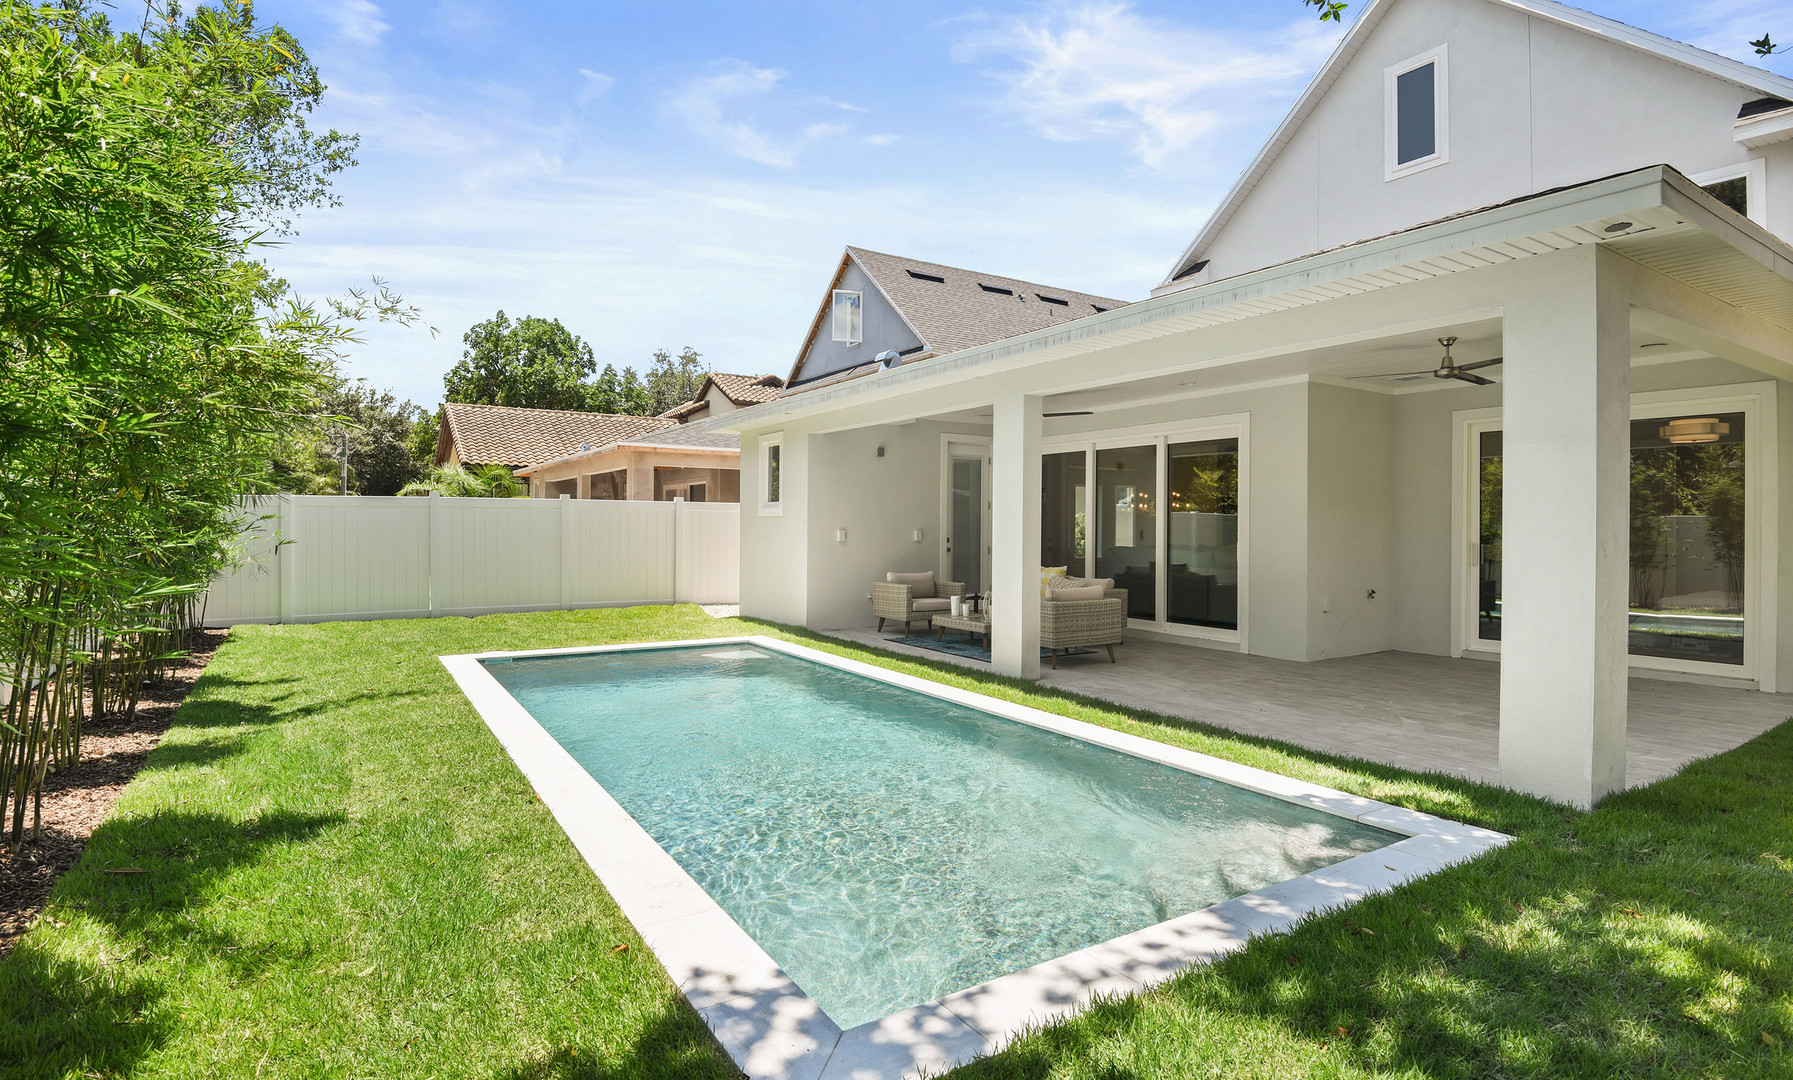 Rear elevation w/ pool